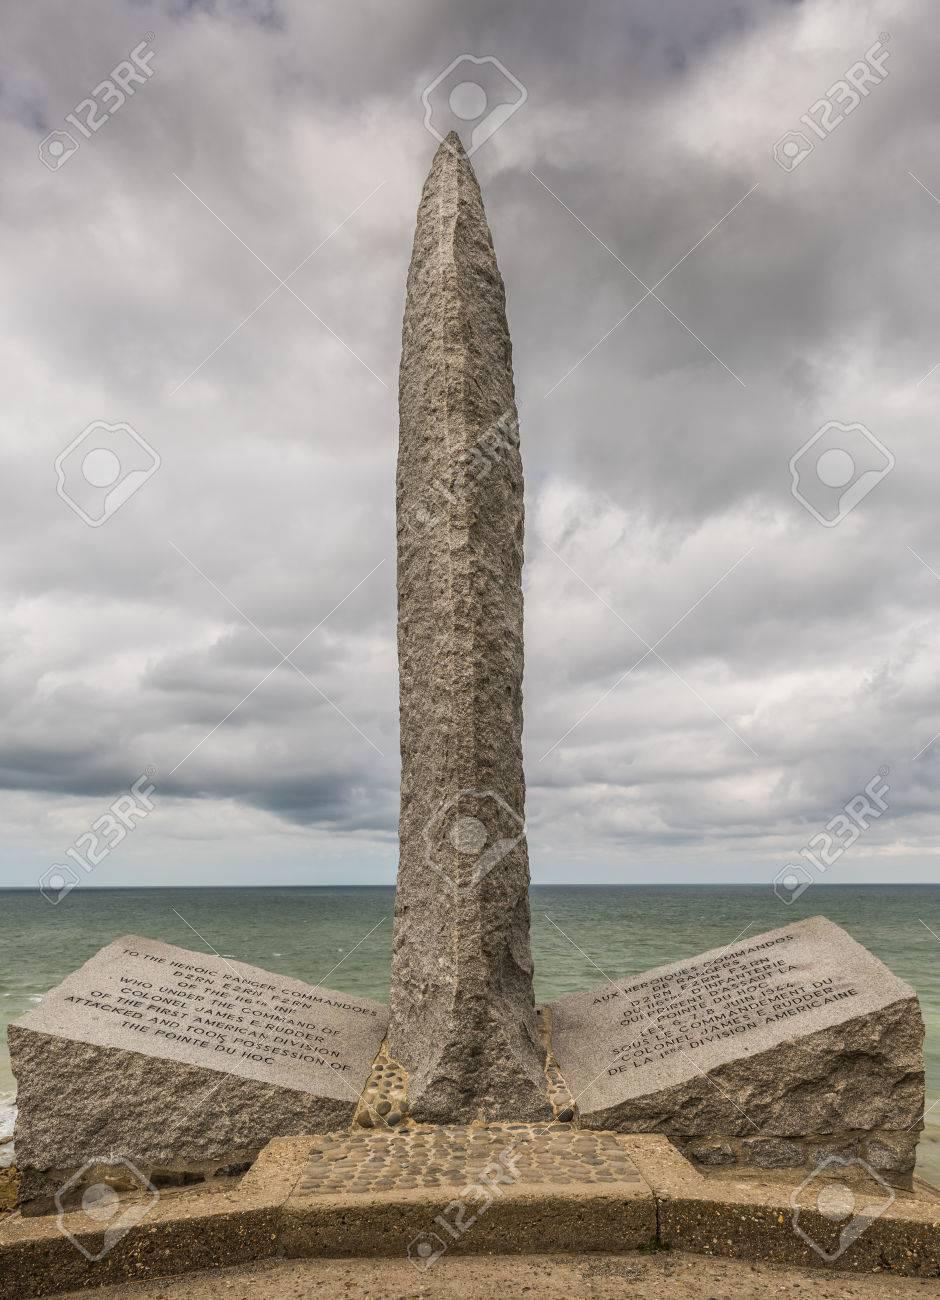 Ein Denkmal Für Die Amerikaner, Die Während Des 2. Weltkrieges An ...